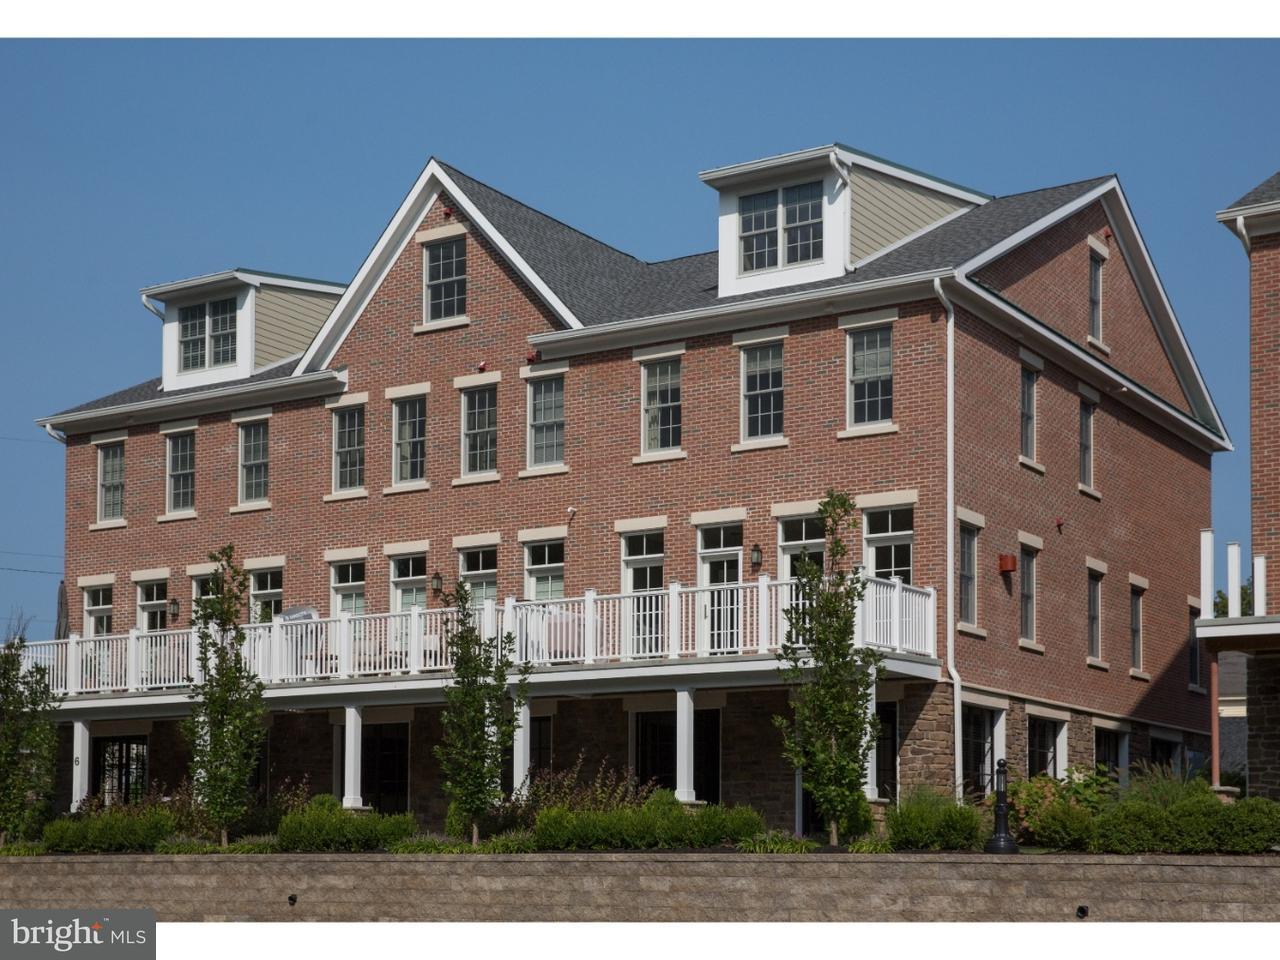 共管式独立产权公寓 为 销售 在 17 RIVER MILLS Drive 弗伦奇敦, 新泽西州 08825 美国在/周边: Frenchtown Borough